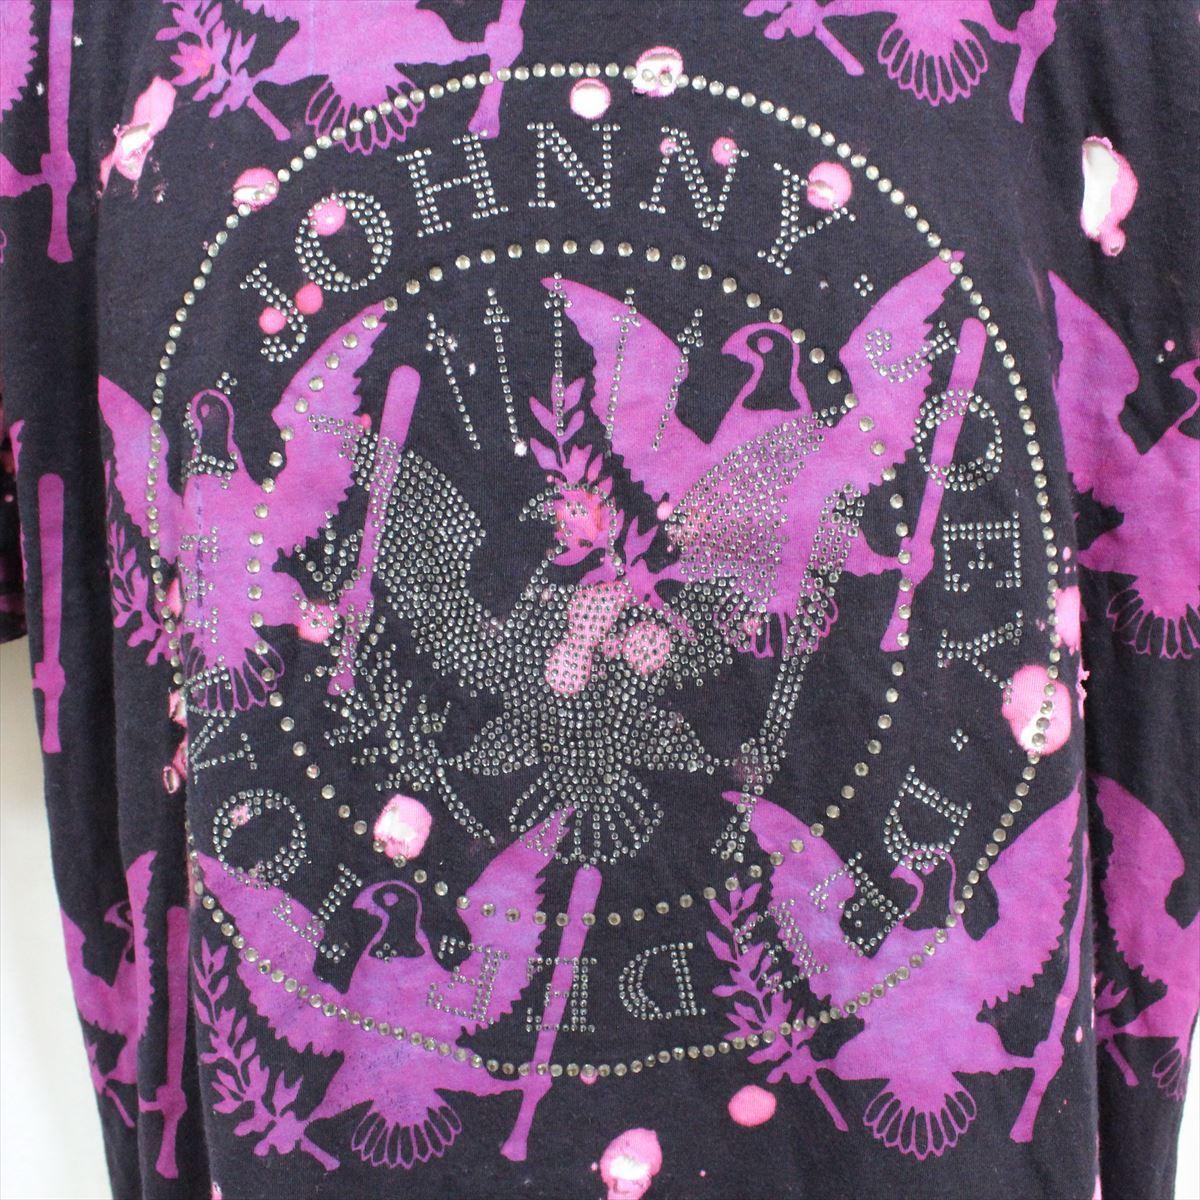 サディスティックアクション SADISTIC ACTION アイコニック メンズ半袖Tシャツ Mサイズ ICONIC COUTURE 新品 ラモーンズ Ramones_画像2